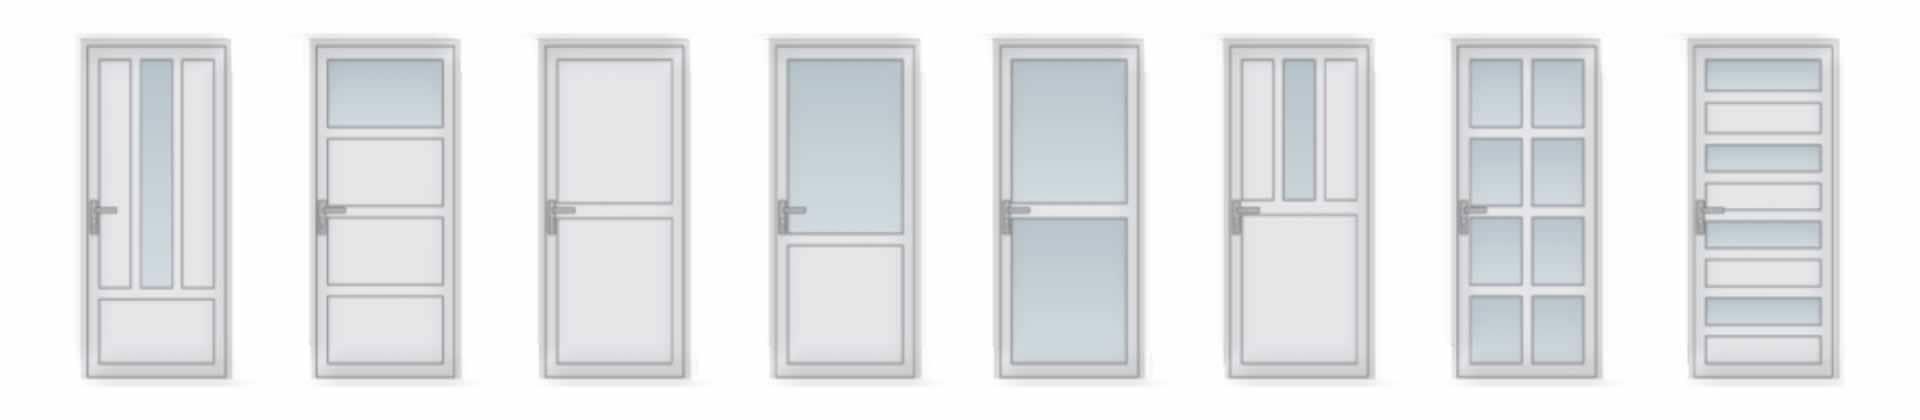 Mögliche Muster Der Türen